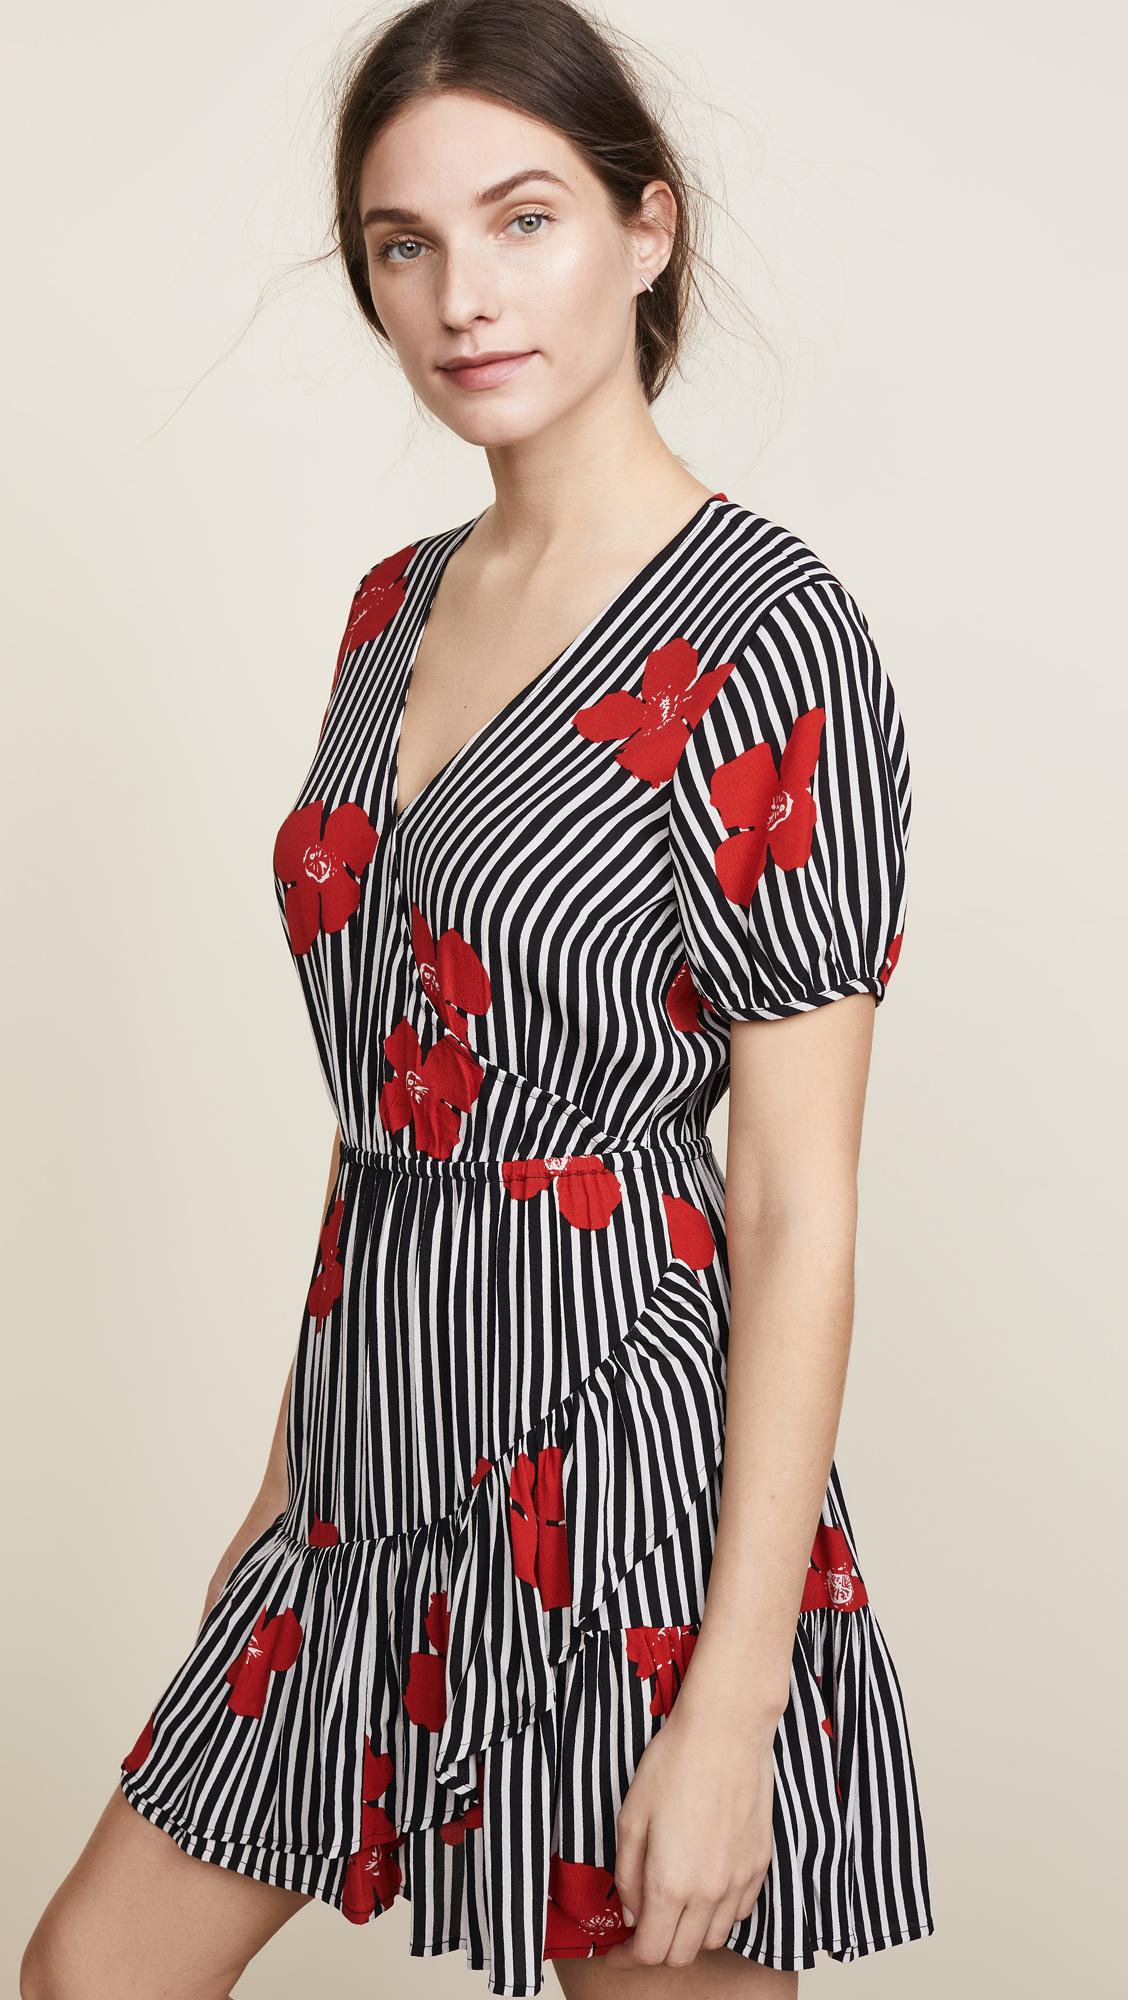 aa20f1ce10e Madewell Bianca Ruffle Wrap Dress